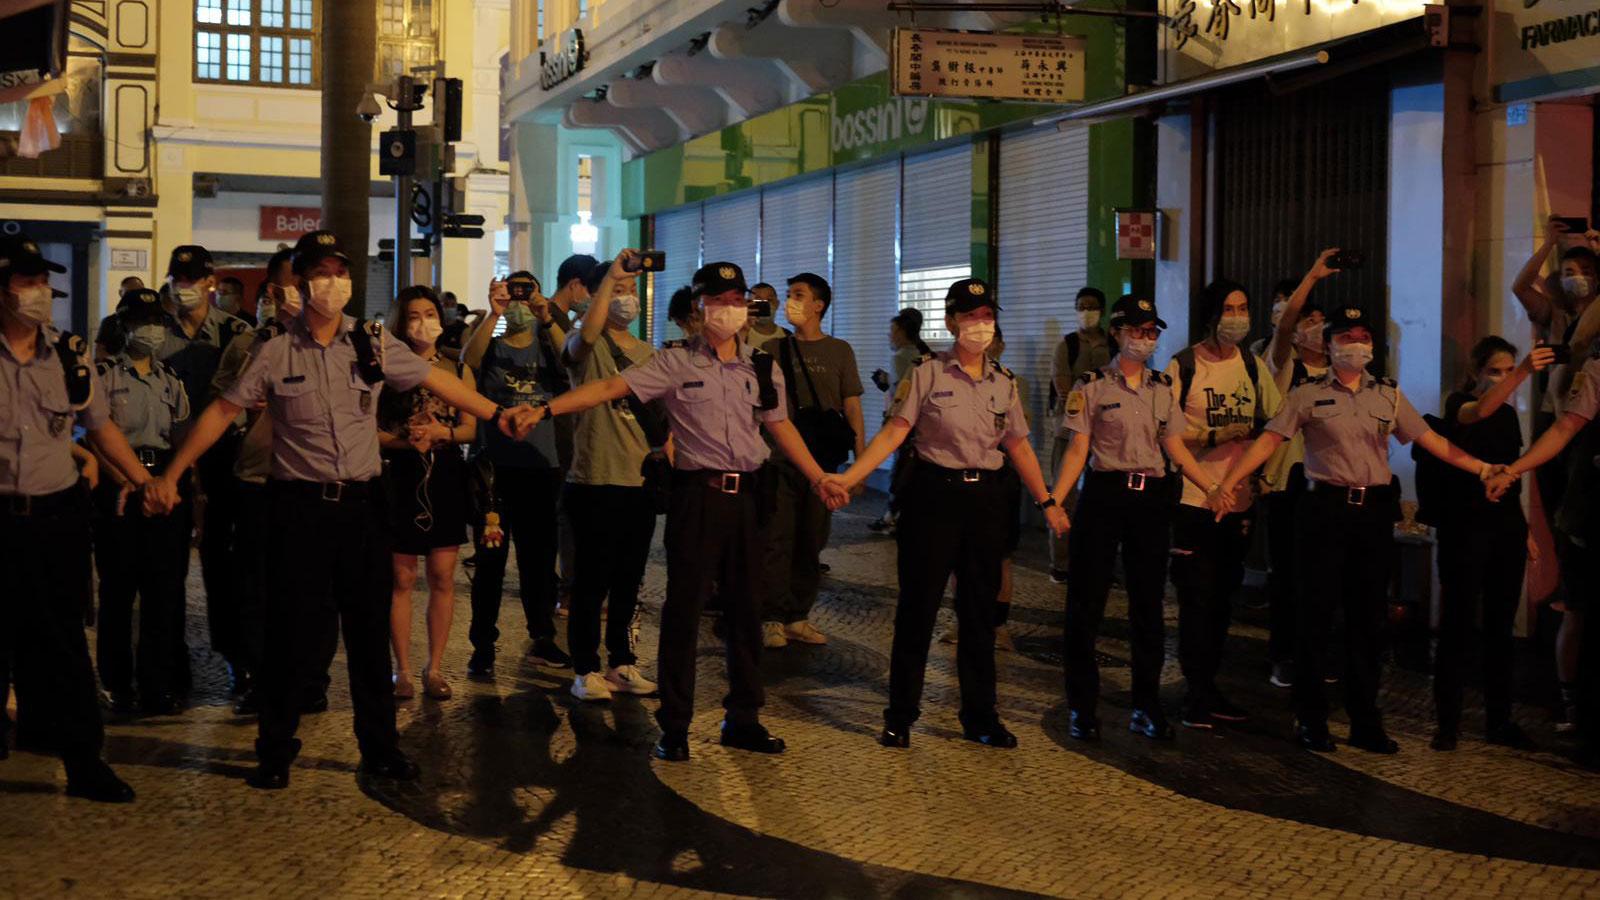 2020年6月4日,为防止民众公开悼念六四,澳门警察严阵以待。(崔子钊独家提供)